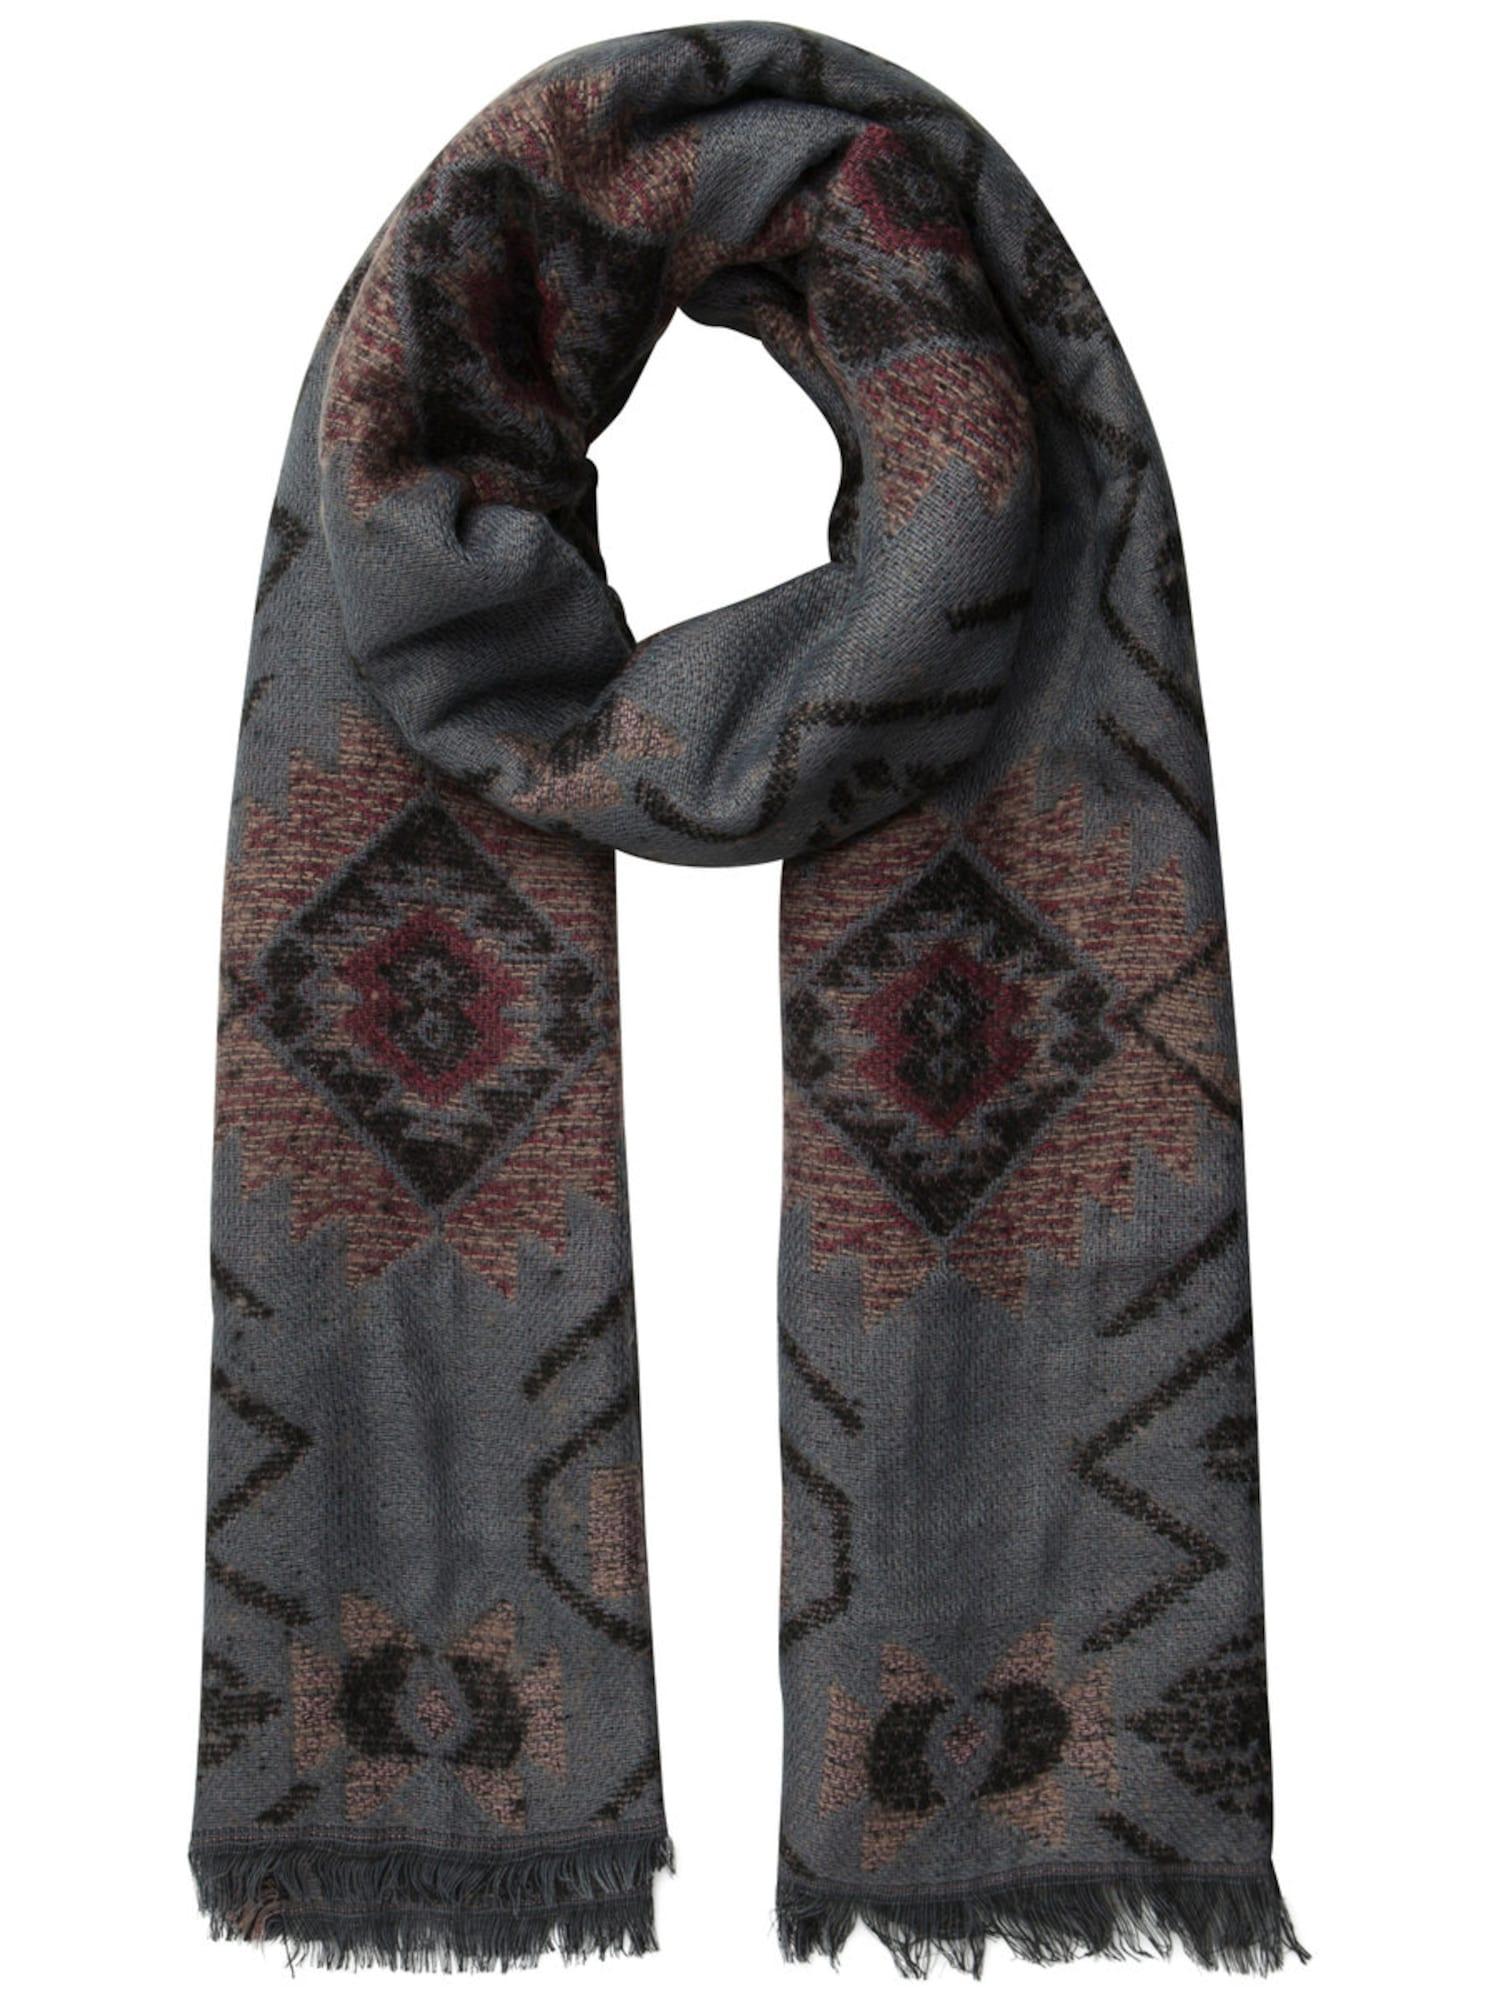 Schals für Frauen - PIECES Langer Schal dunkelgrau dunkelrot schwarz  - Onlineshop ABOUT YOU